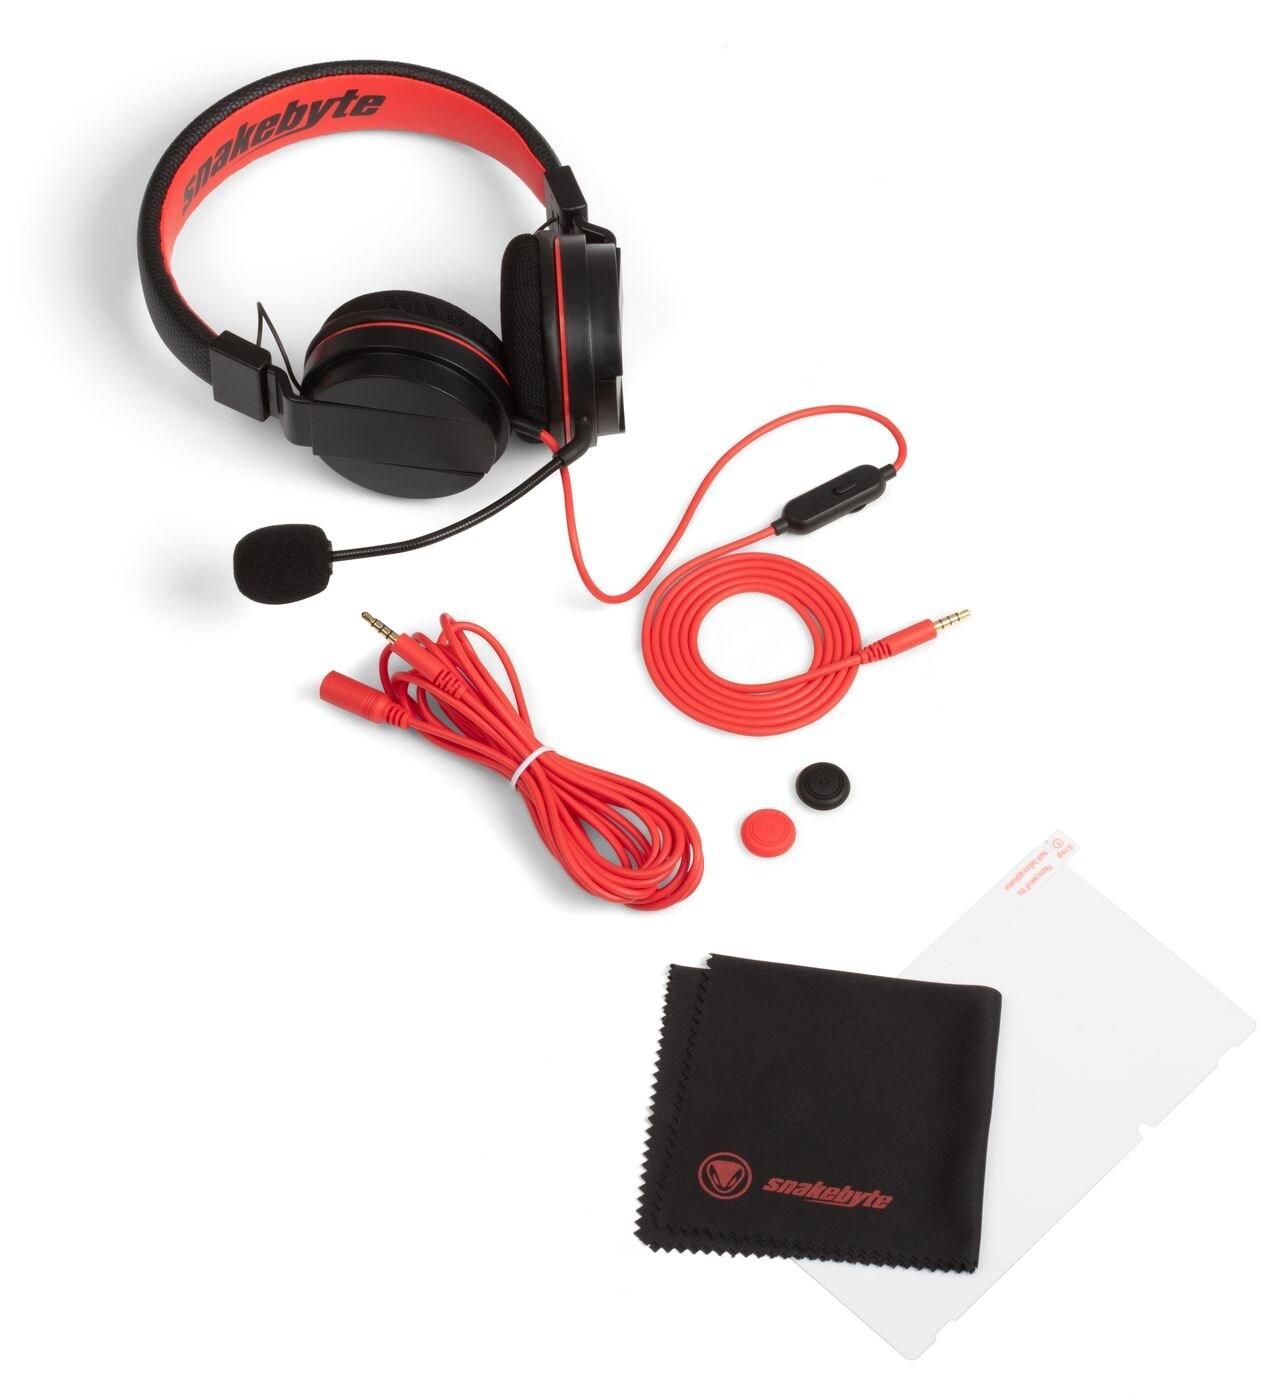 snakebyte słuchawki z zestawem akcesoriów Nintendo Switch GAMER KIT S ™ SOUND & PROTECT - 1